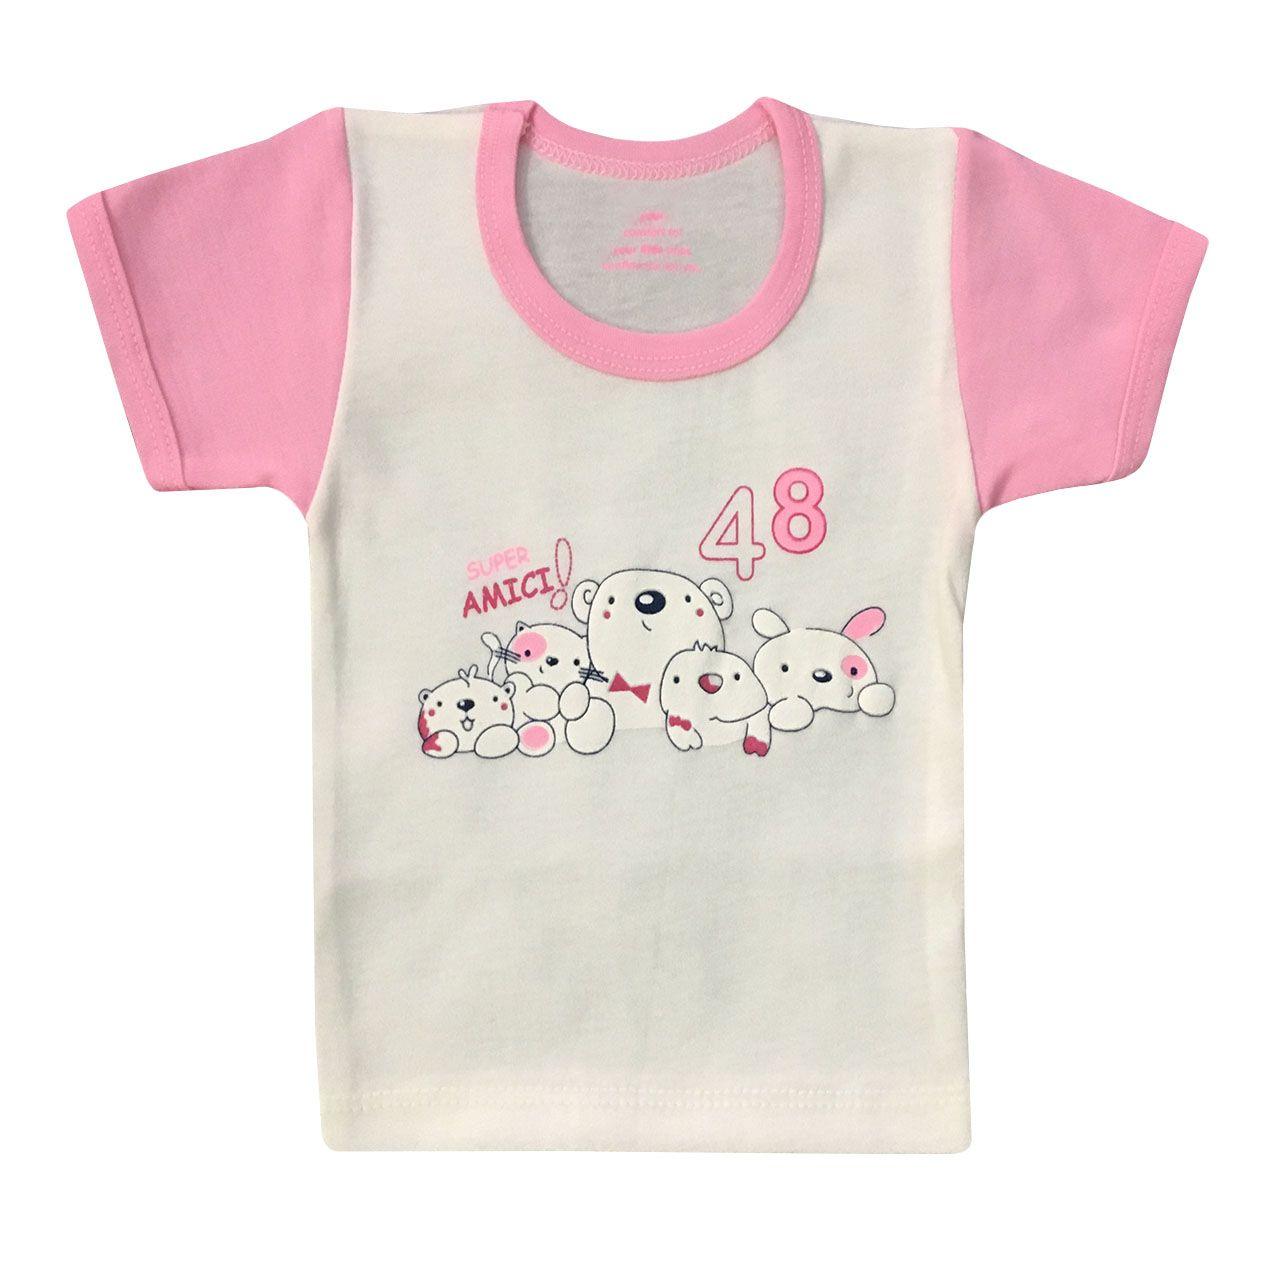 ست 3 تکه لباس نوزادی دخترانه شاهین طرح امیکی کد P -  - 3